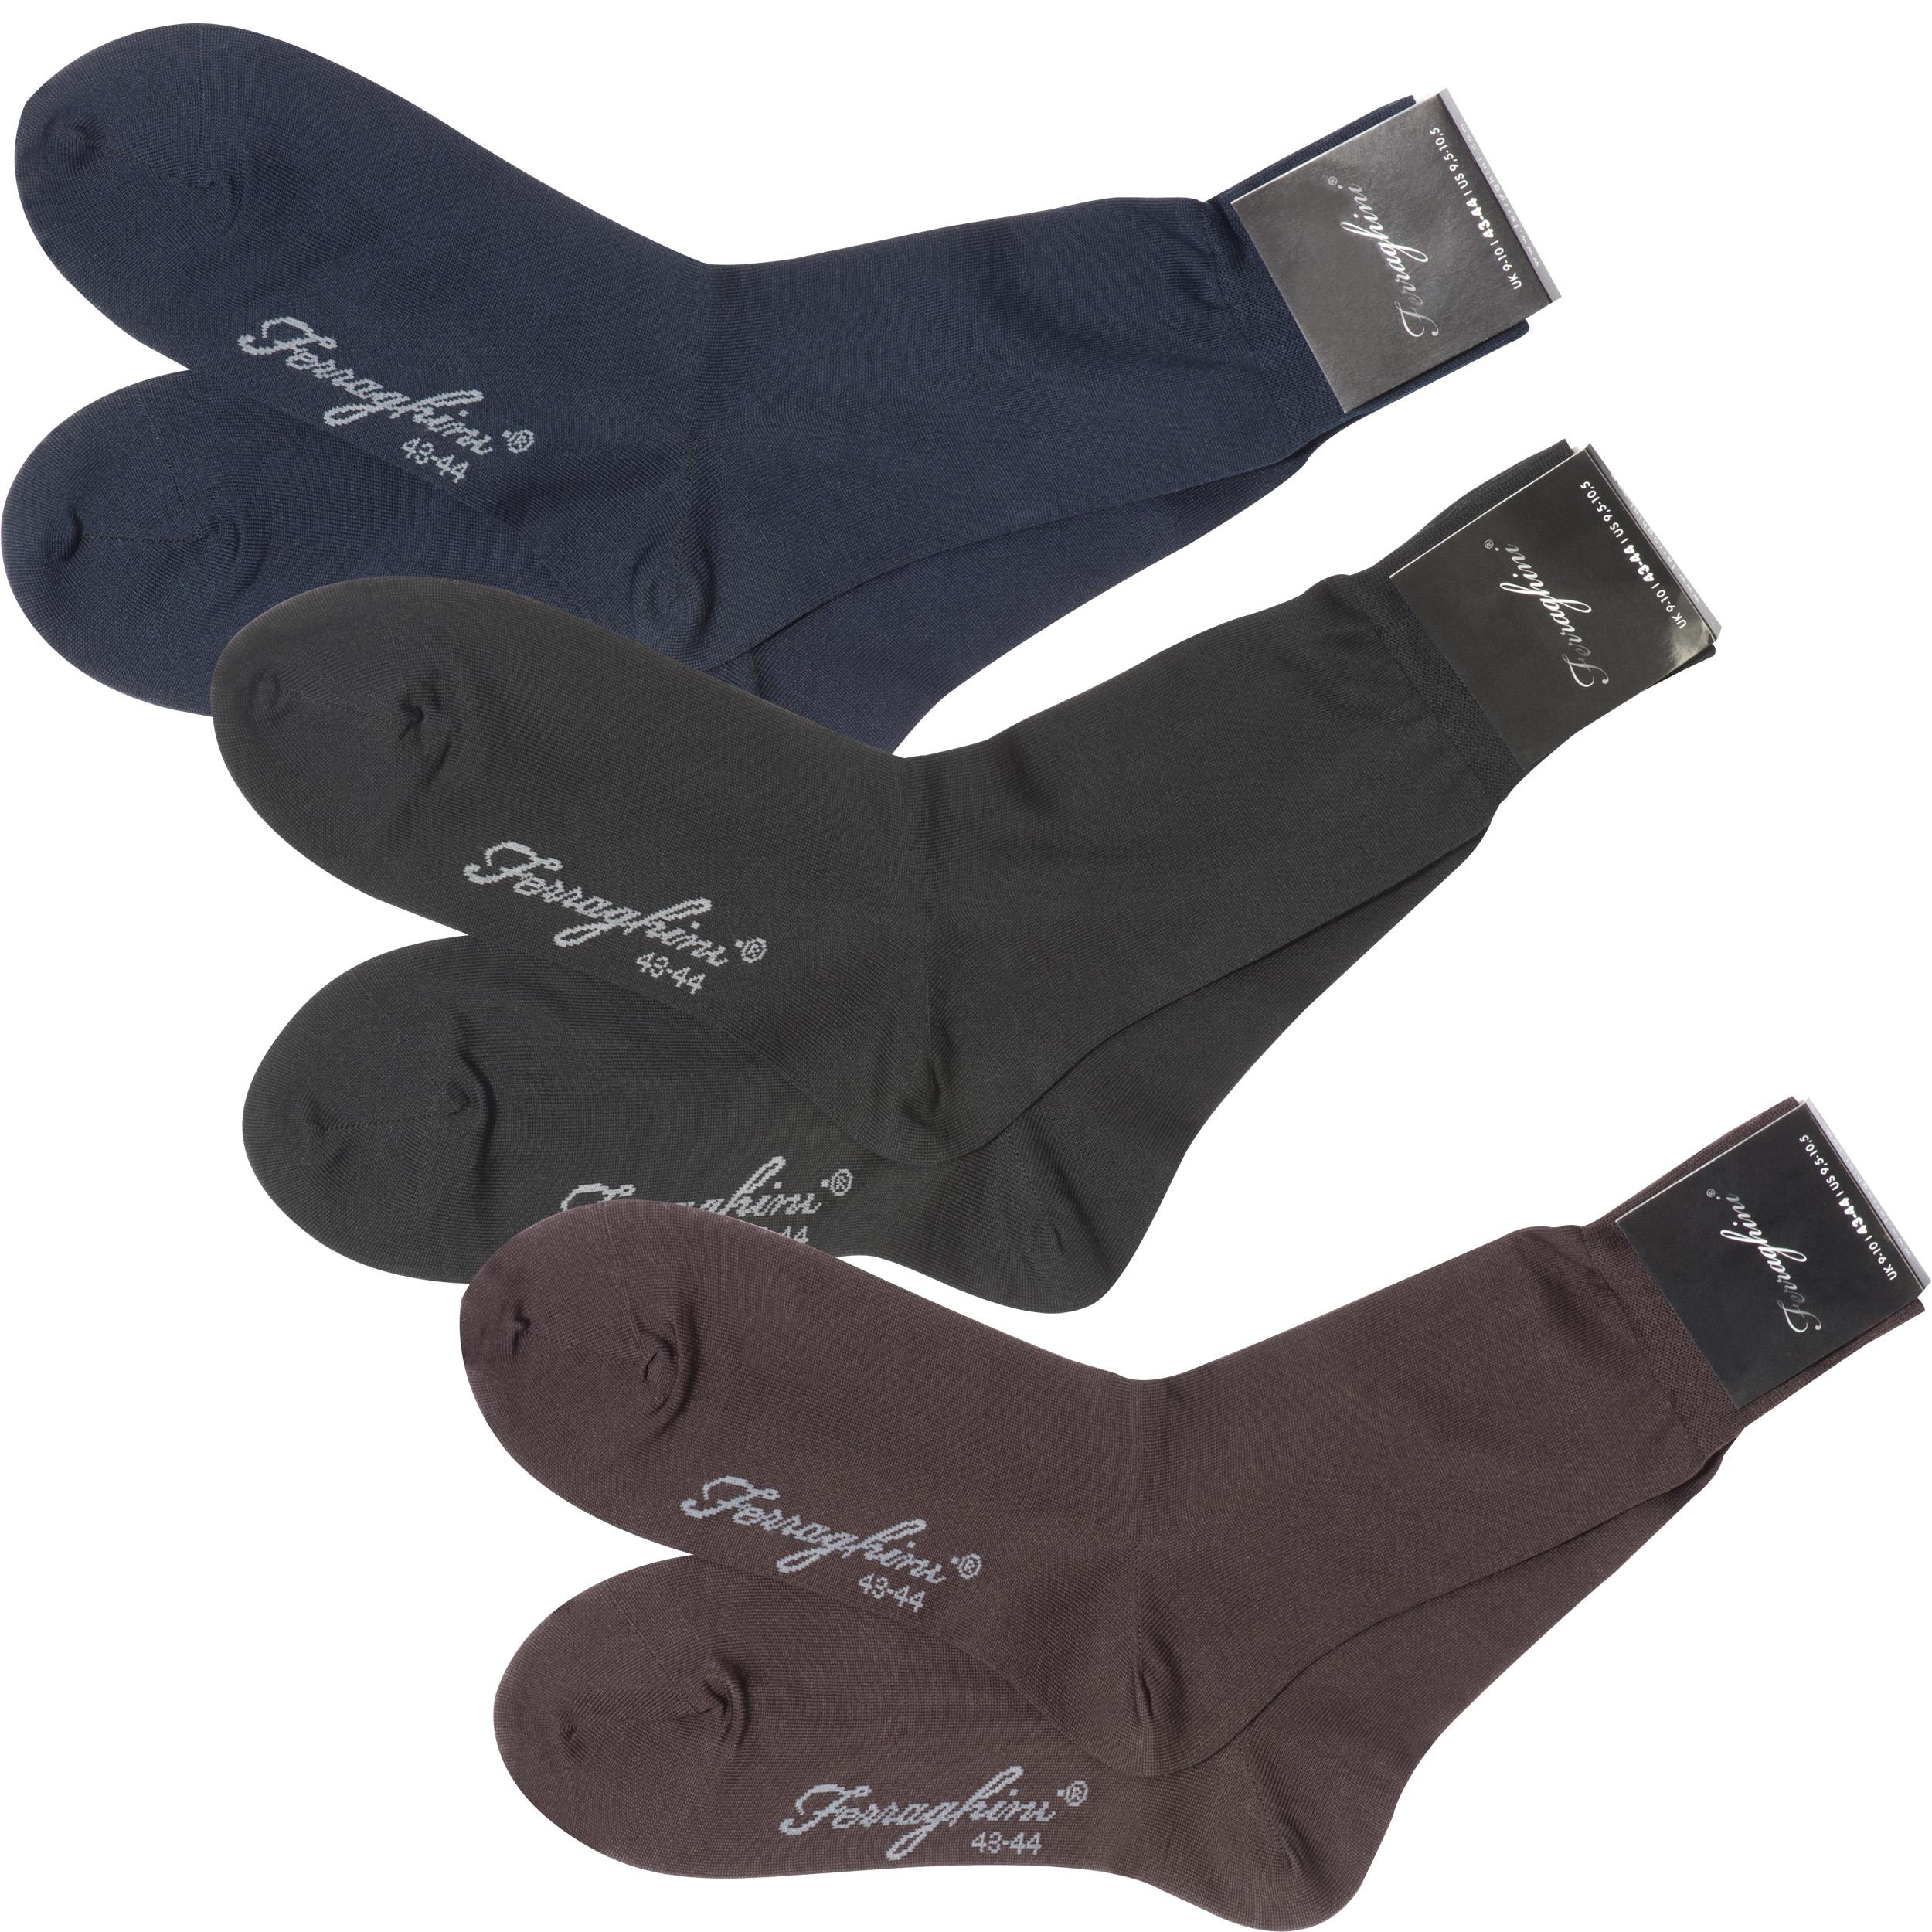 Ferraghini socks